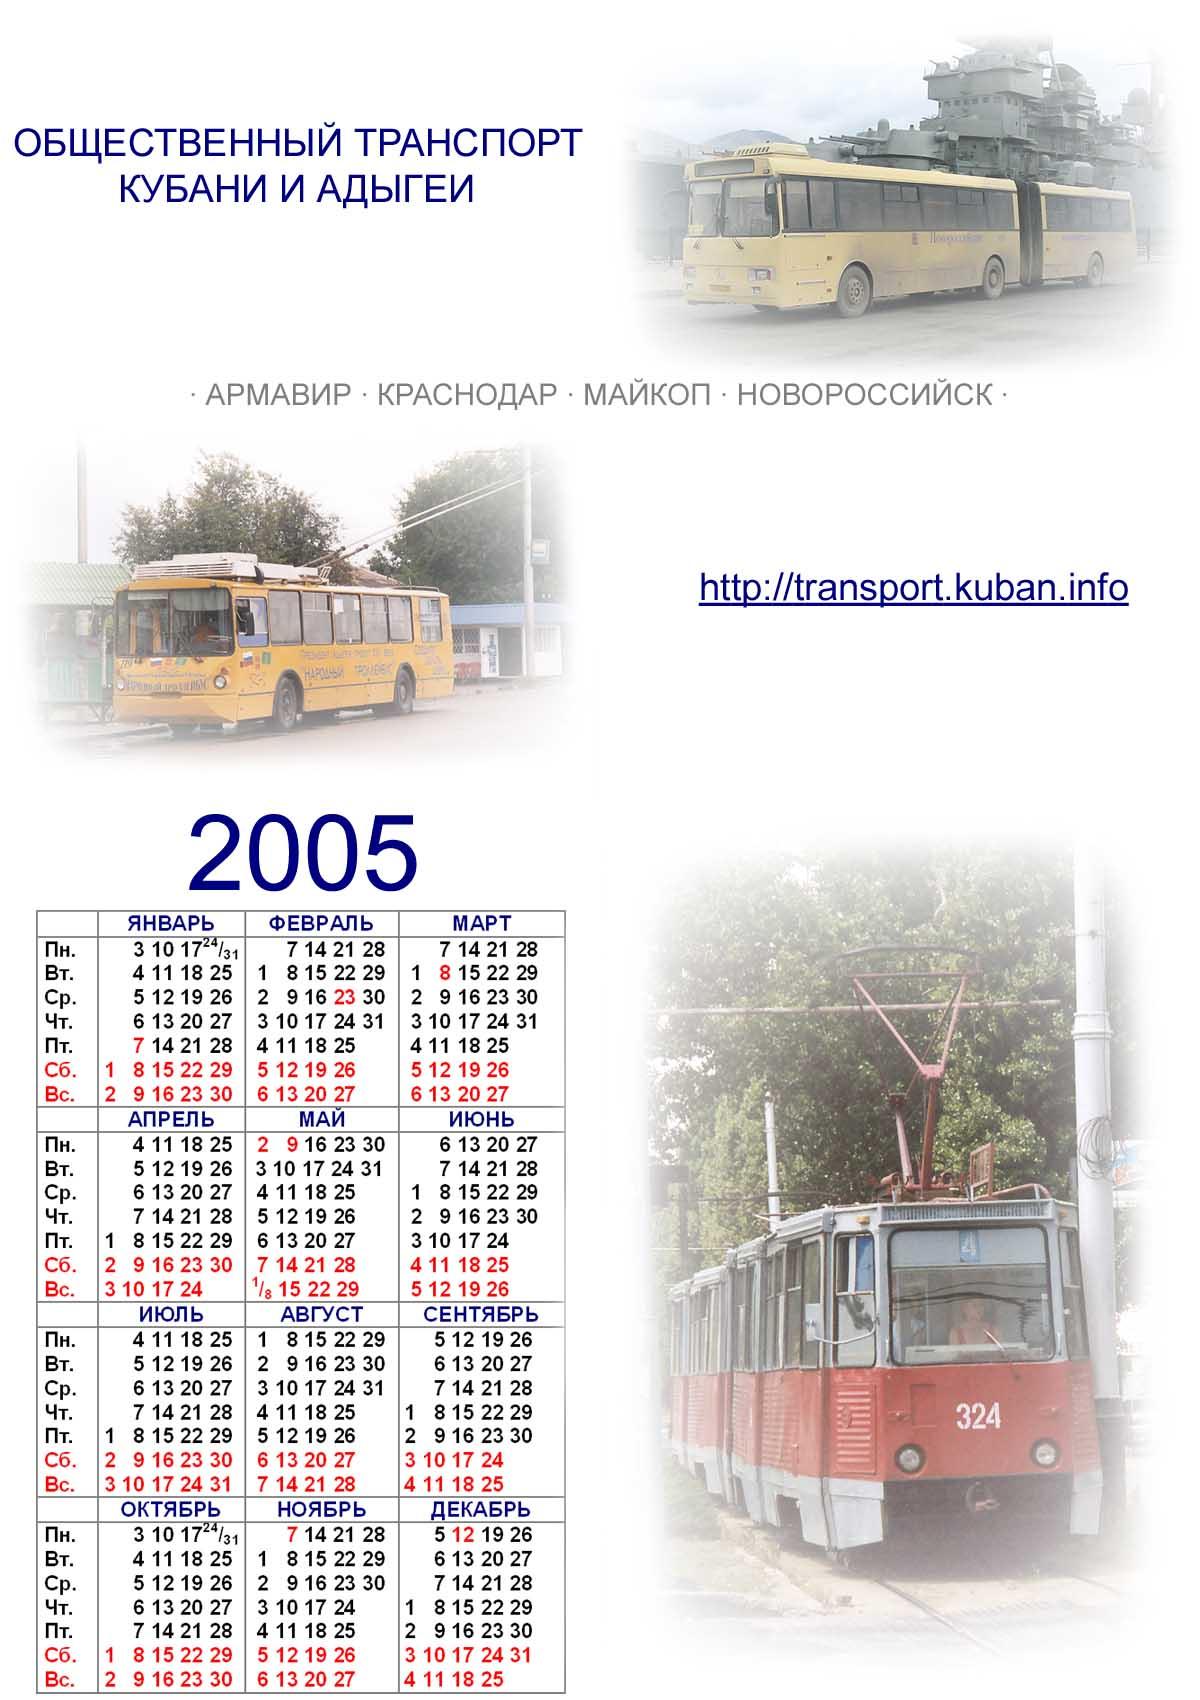 Производственный календарь за 2005